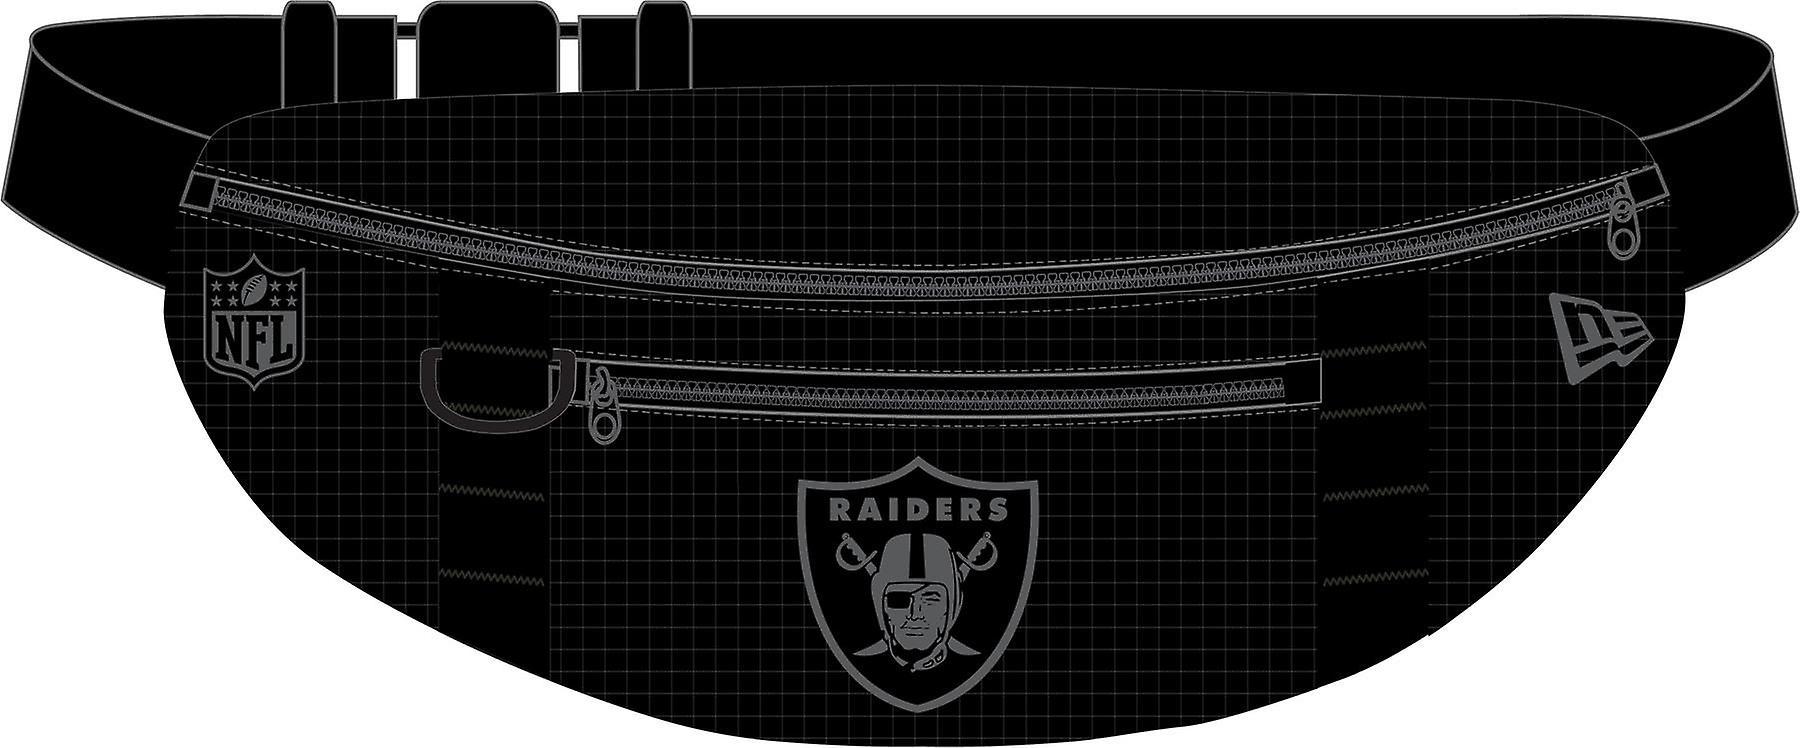 New Era NFL Lightweight Waist Bag ~ Oakland Raiders black